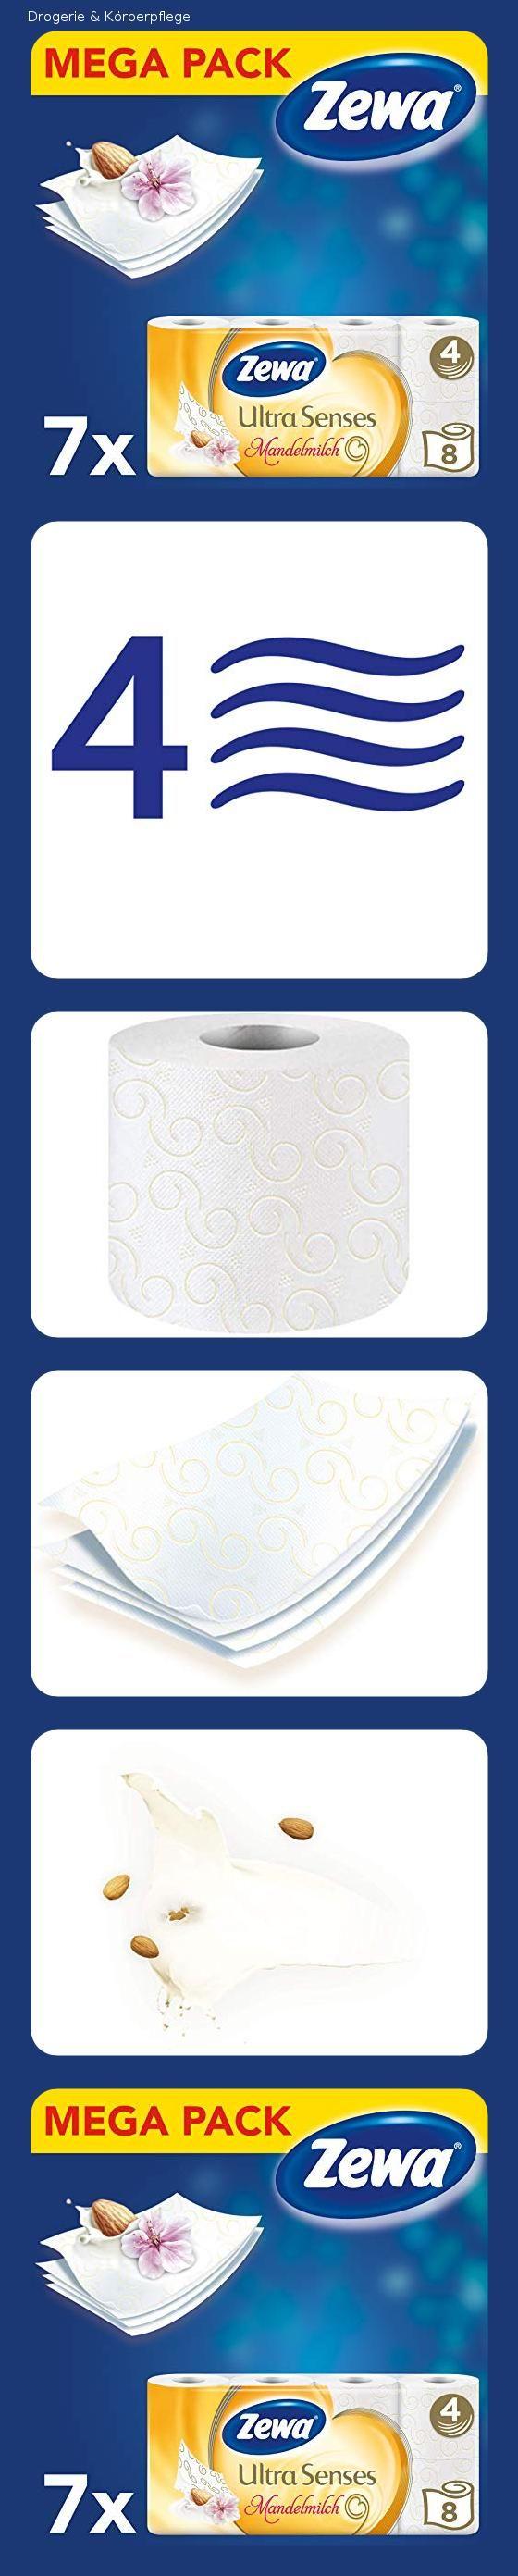 Zewa Toilettenpapier Trocken Ultra Senses Riesenpackung 7 X 8